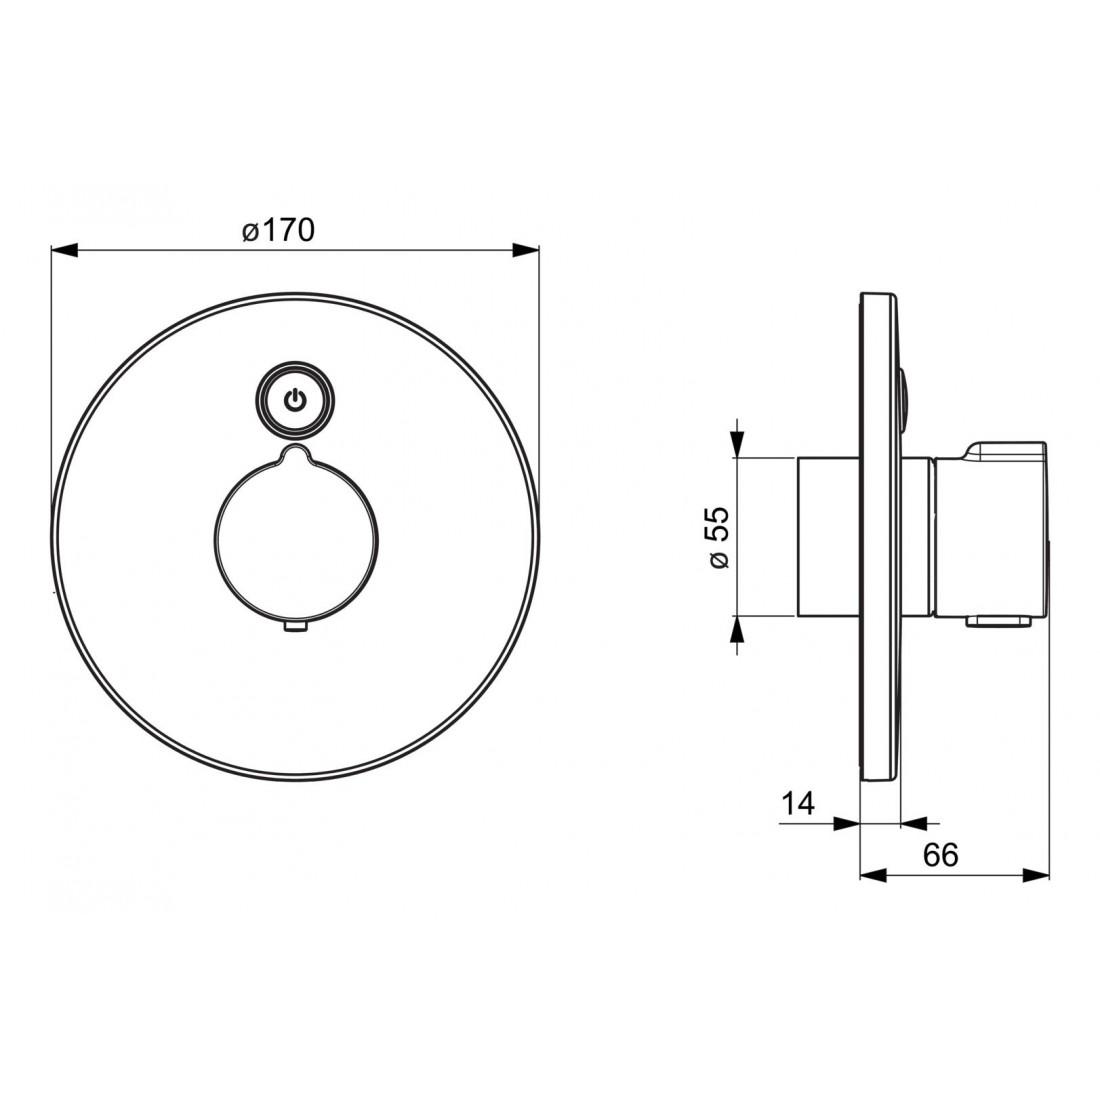 Potinkinio dušo maišytuvo Electra dekoratyvinė dalis, 3V, chromas